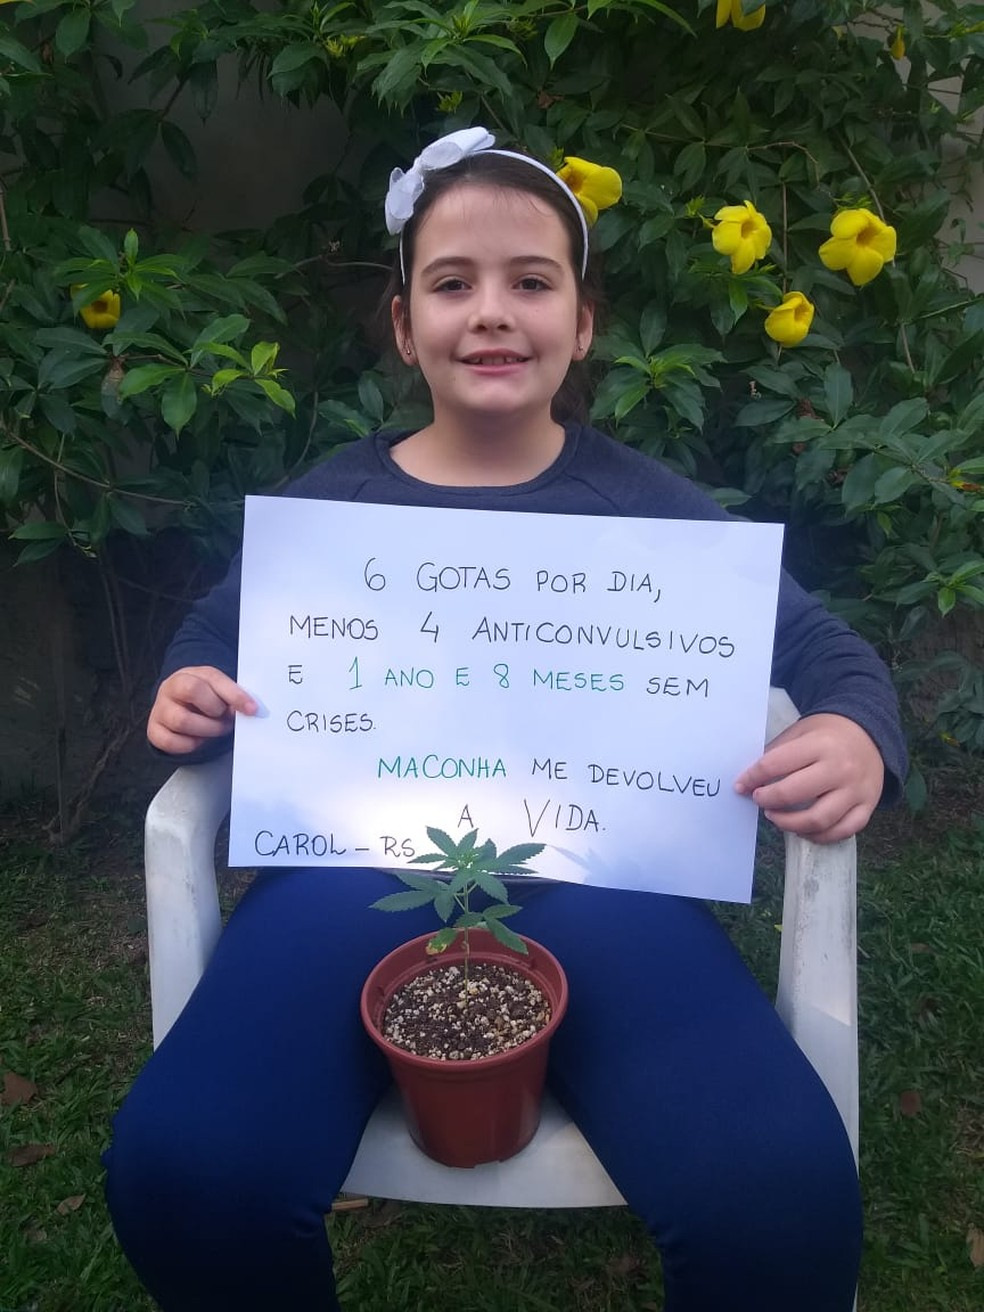 Caroline Pereira da Silva, de 10 anos, com uma muda de maconha e um cartaz onde explica como o uso diário do óleo artesanal mudou a sua vida. — Foto: Arquivo pessoal